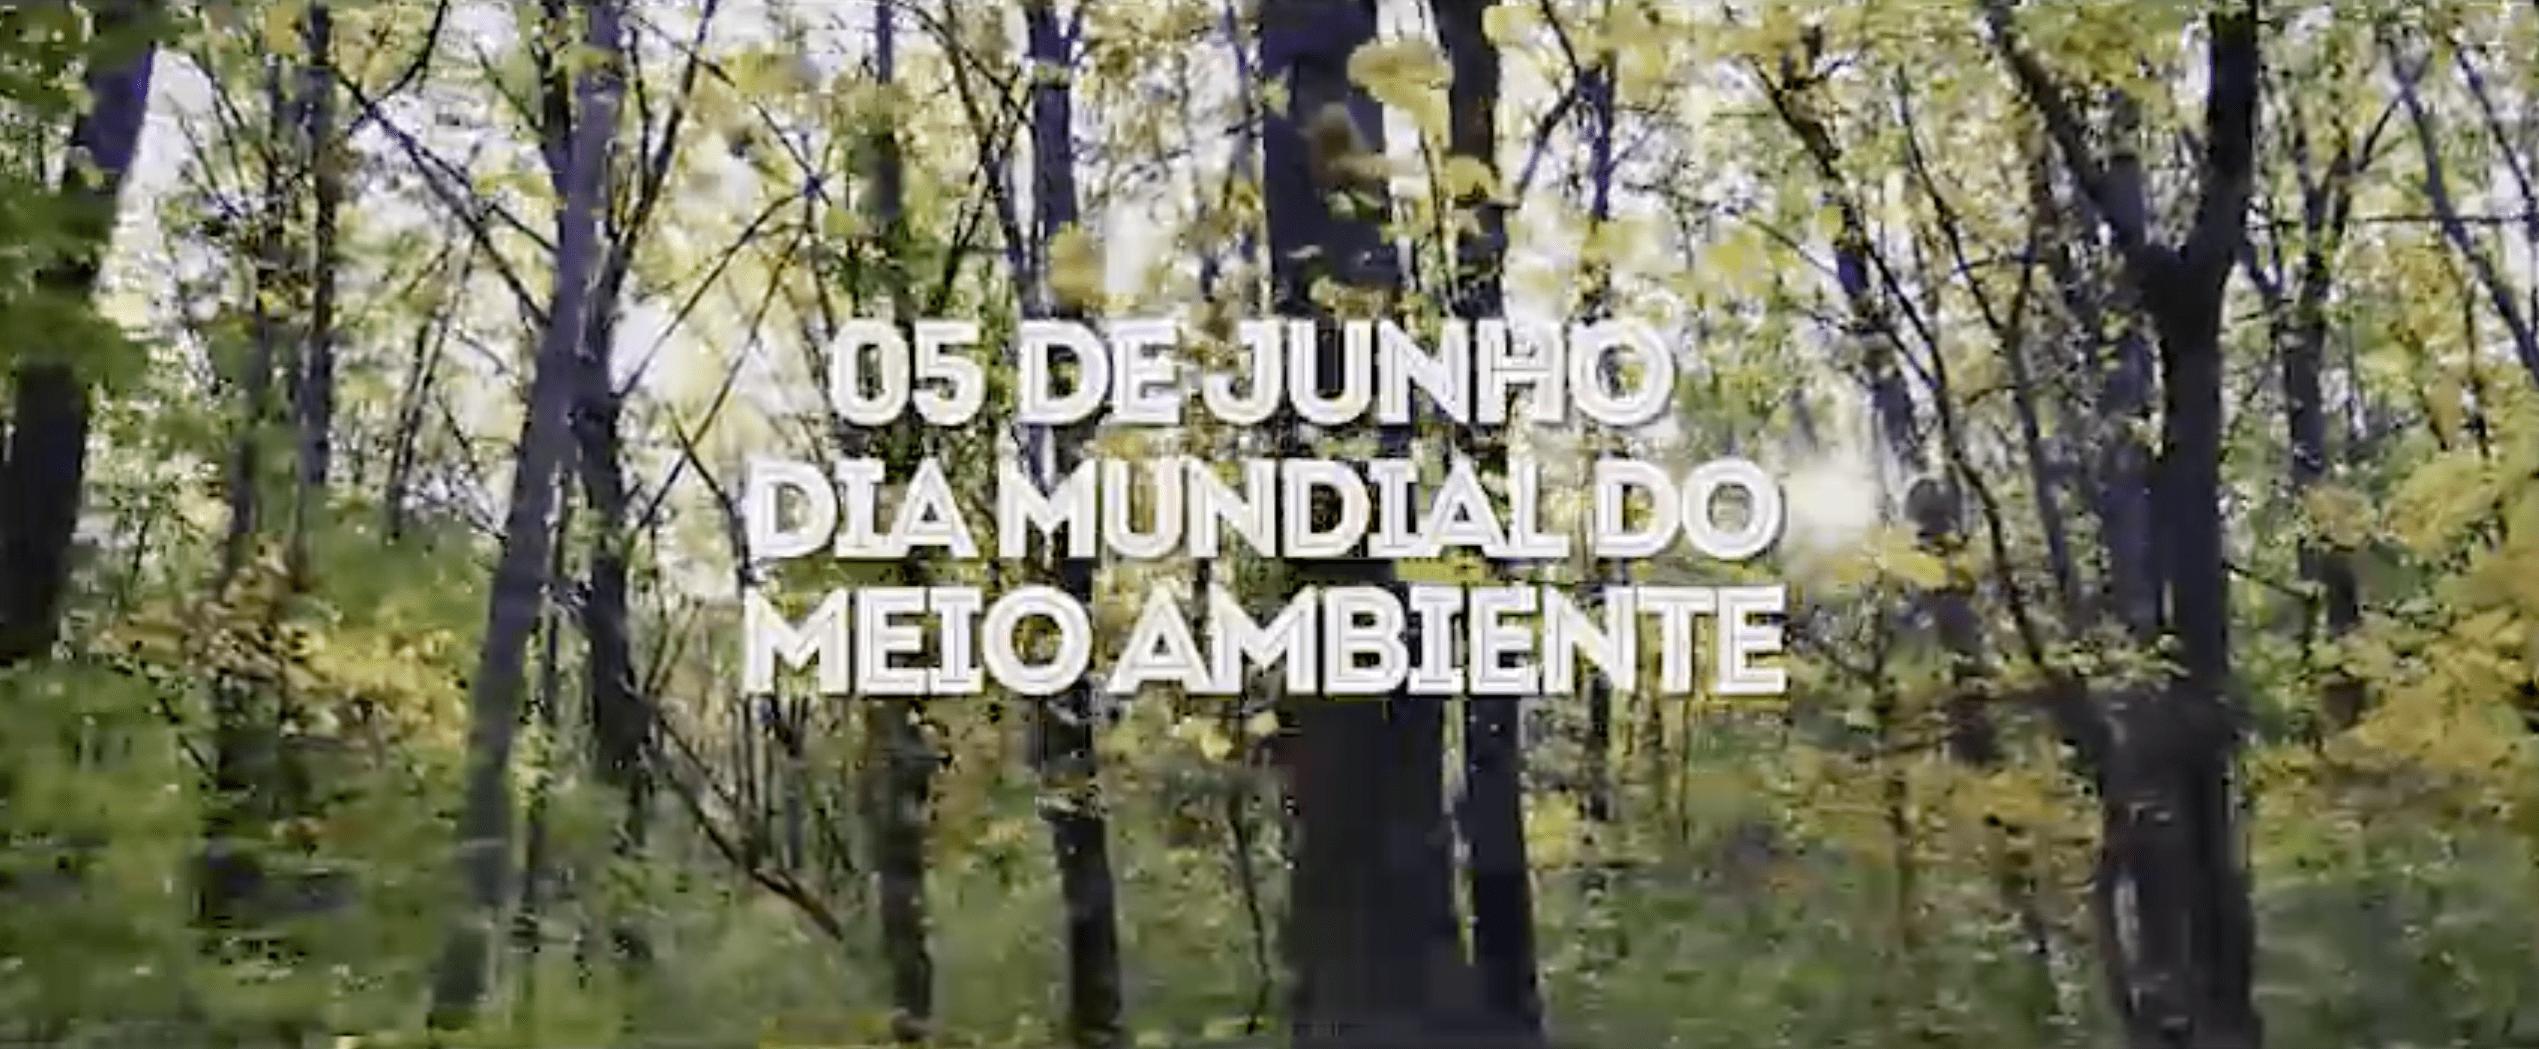 Dia do Meio Ambiente: Moto Honda lança iniciativa de valorização da floresta